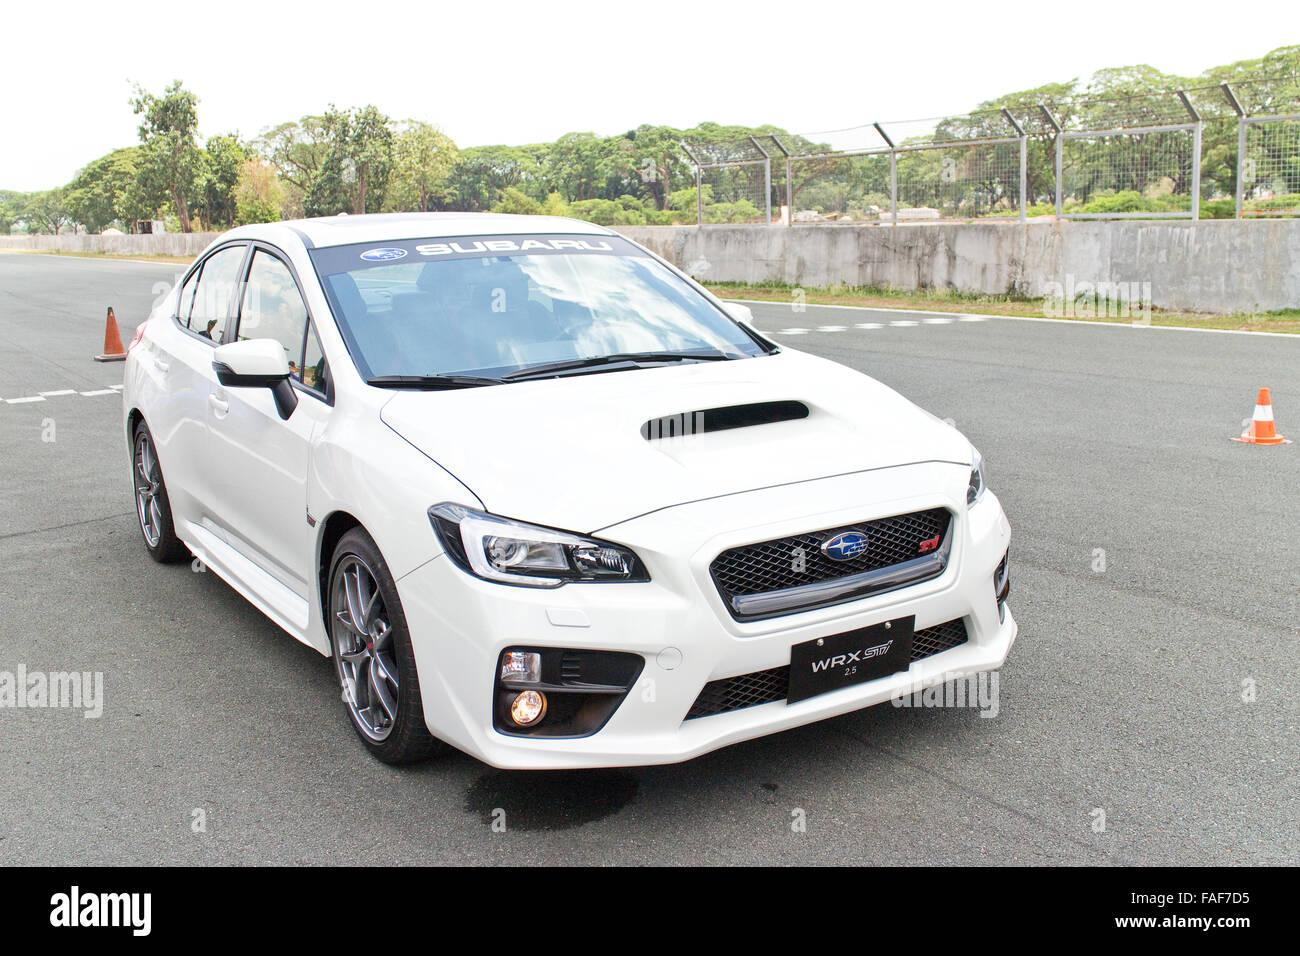 Subaru Wrx Sti Car Stock Photos & Subaru Wrx Sti Car Stock Images ...